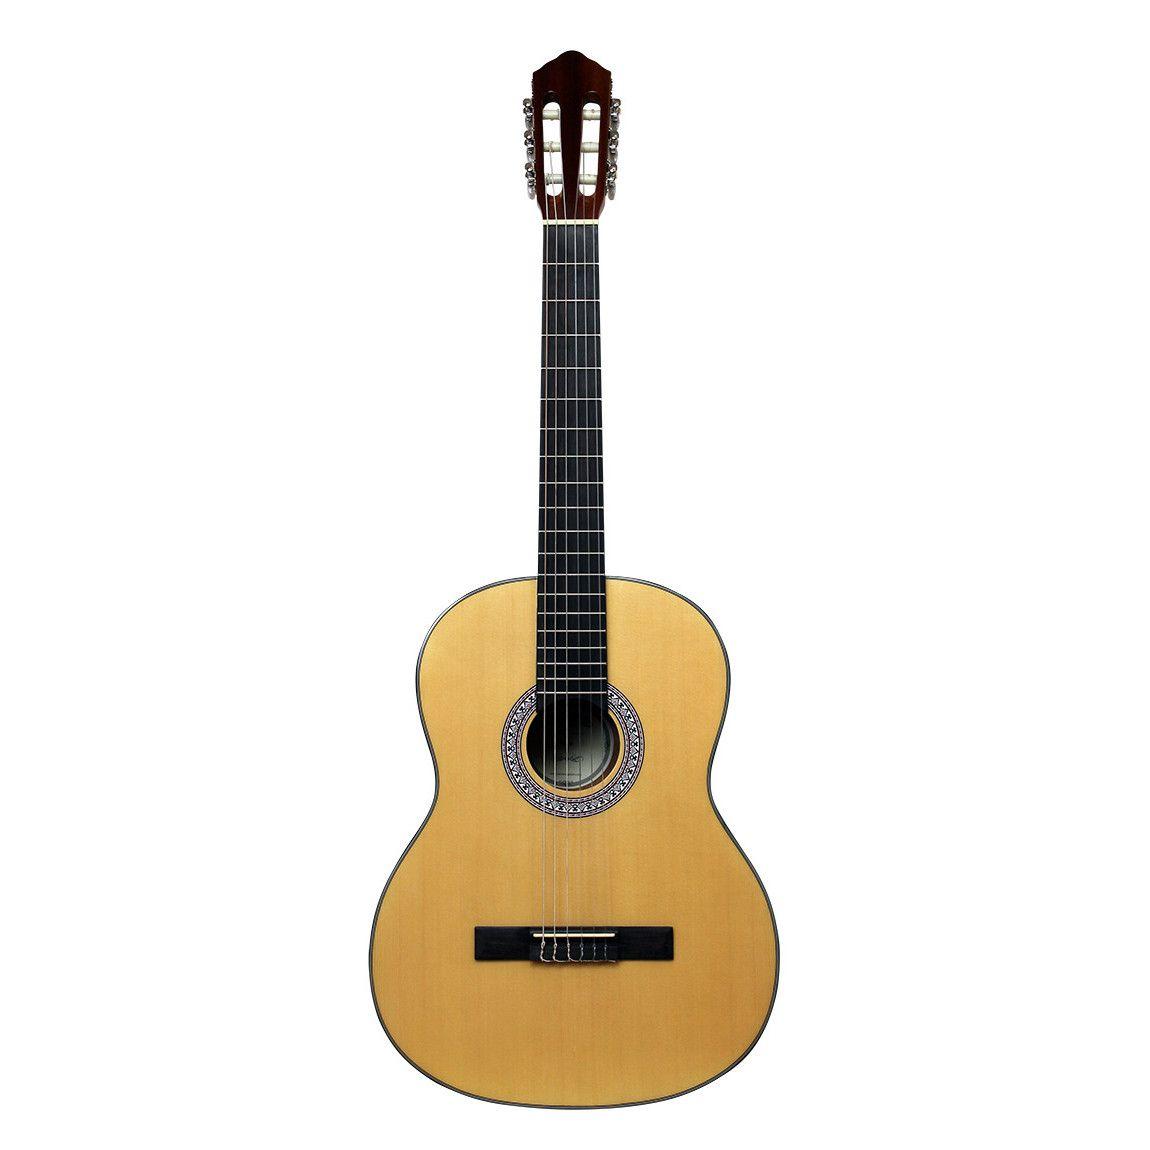 Santana B7 NA v2 børne spansk-guitar natur